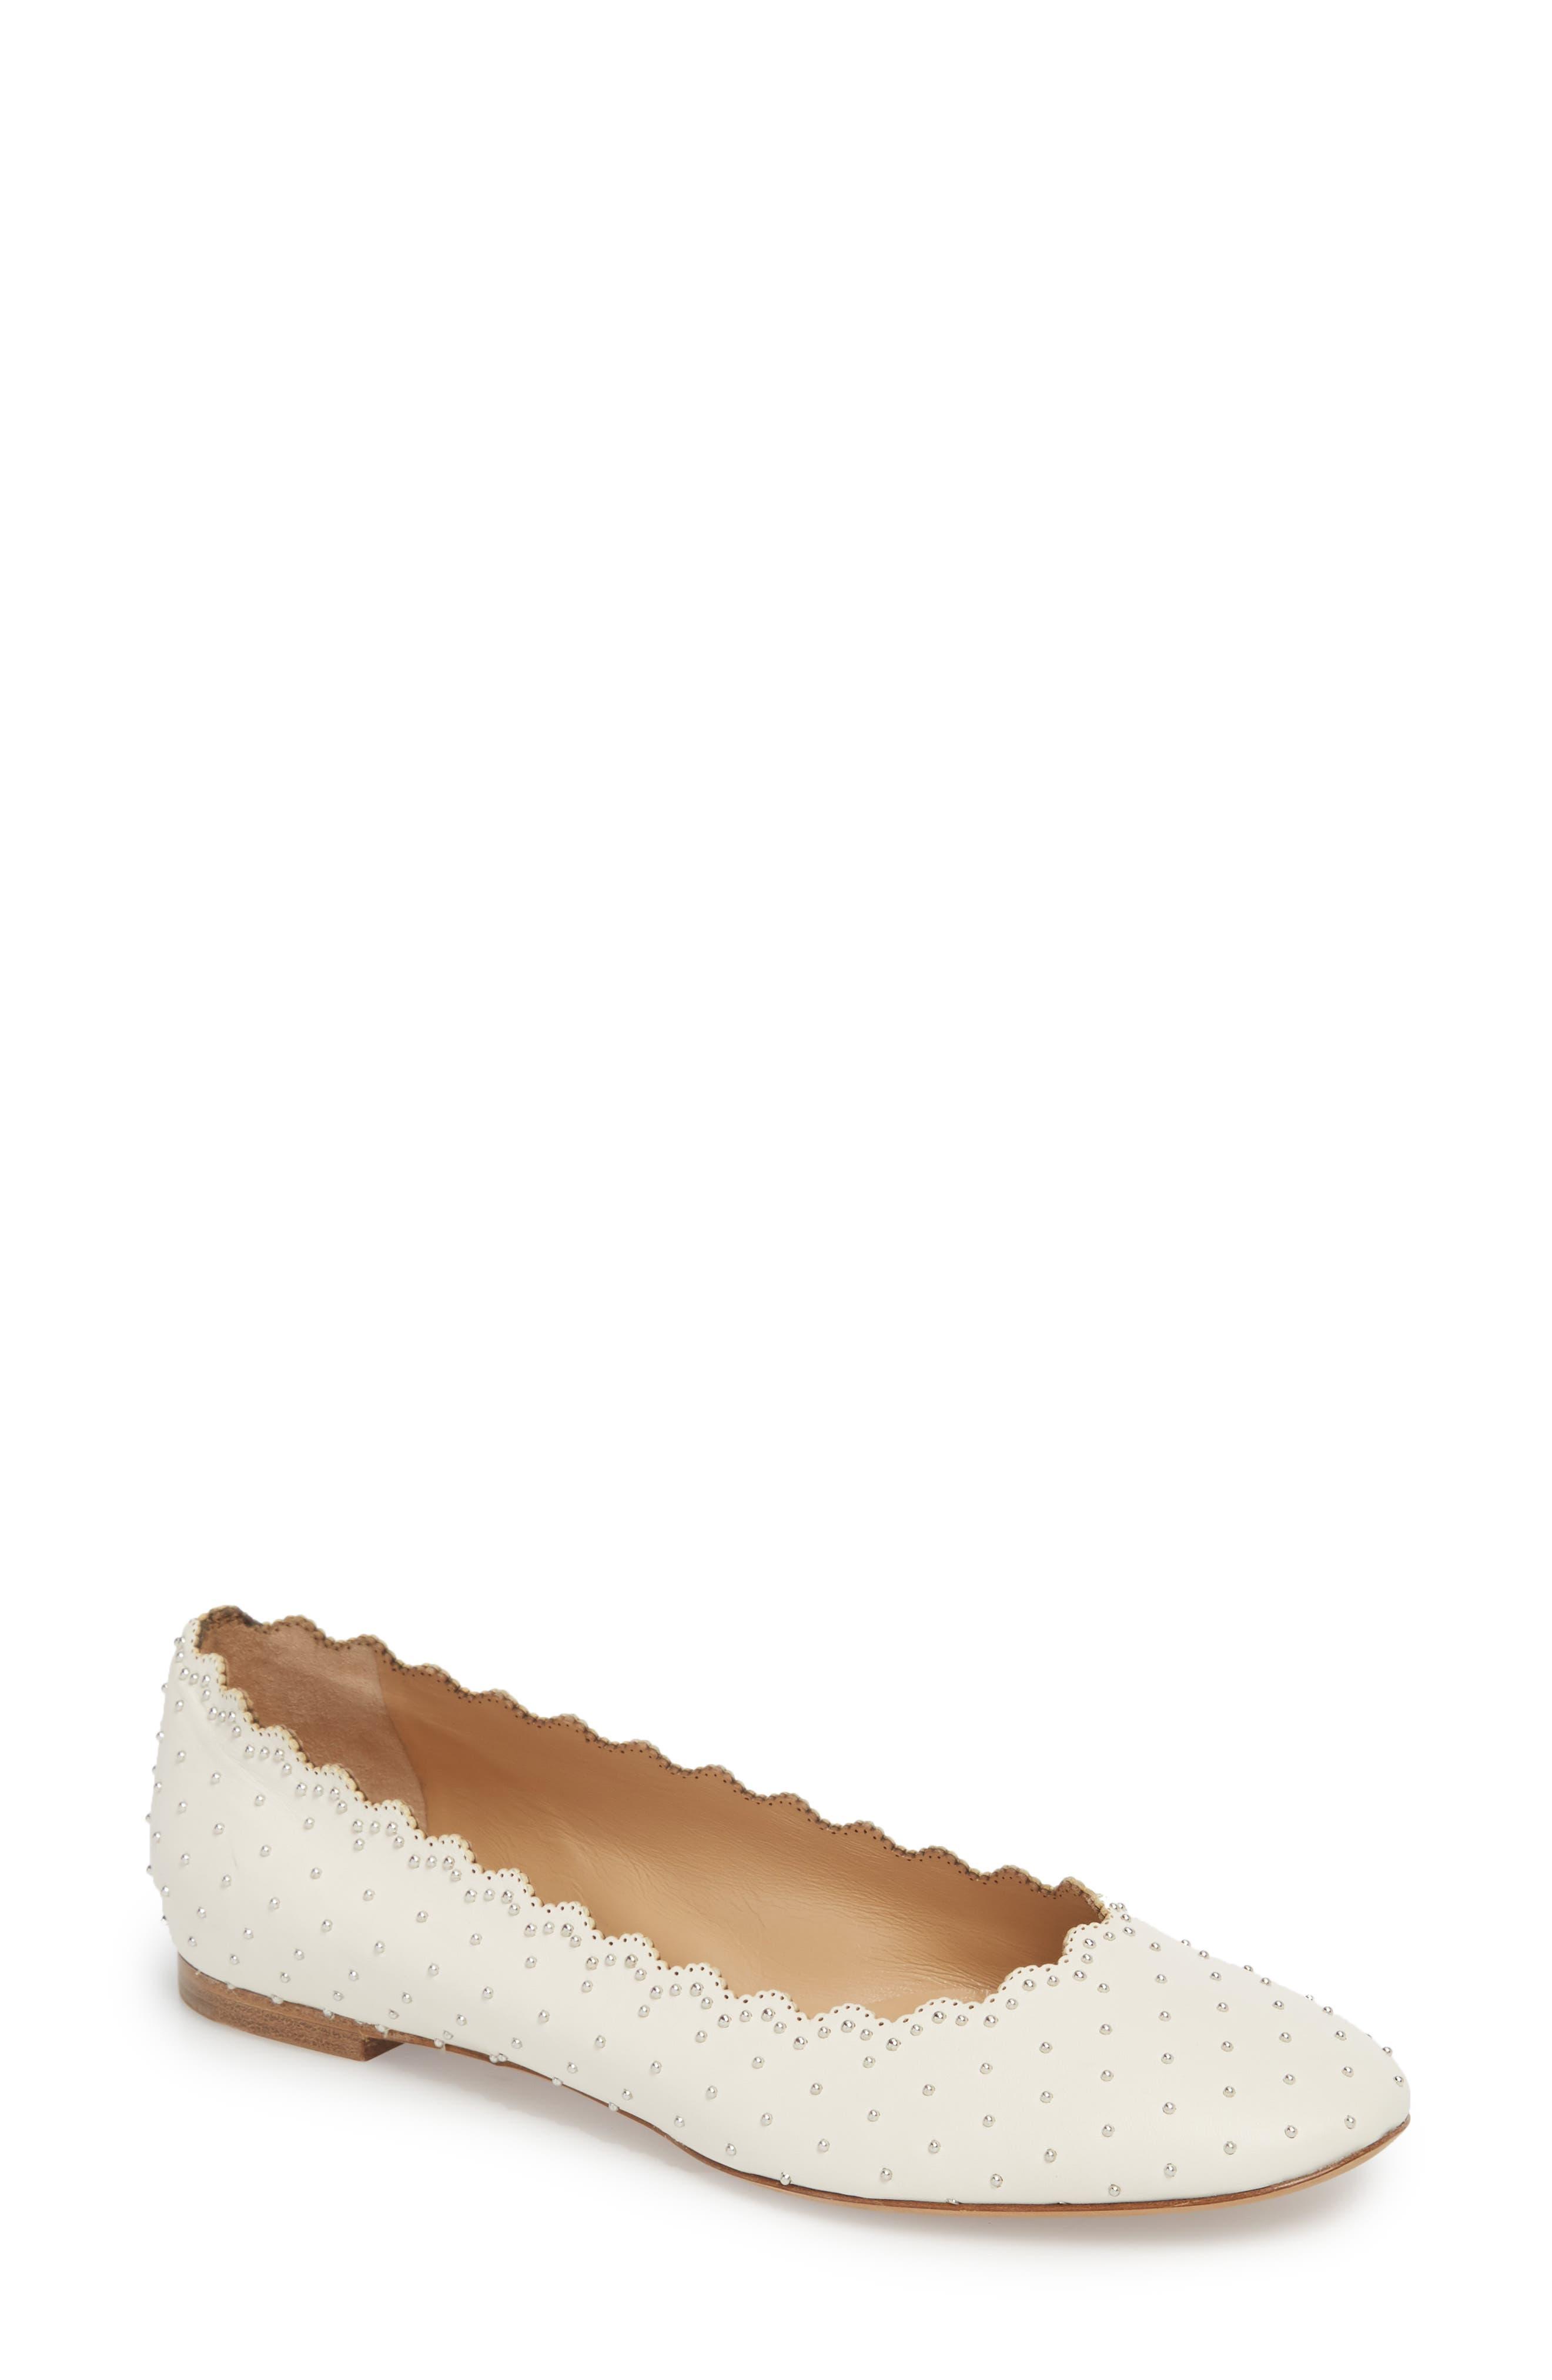 Lauren Studded Ballet Flat,                             Main thumbnail 1, color,                             WHITE